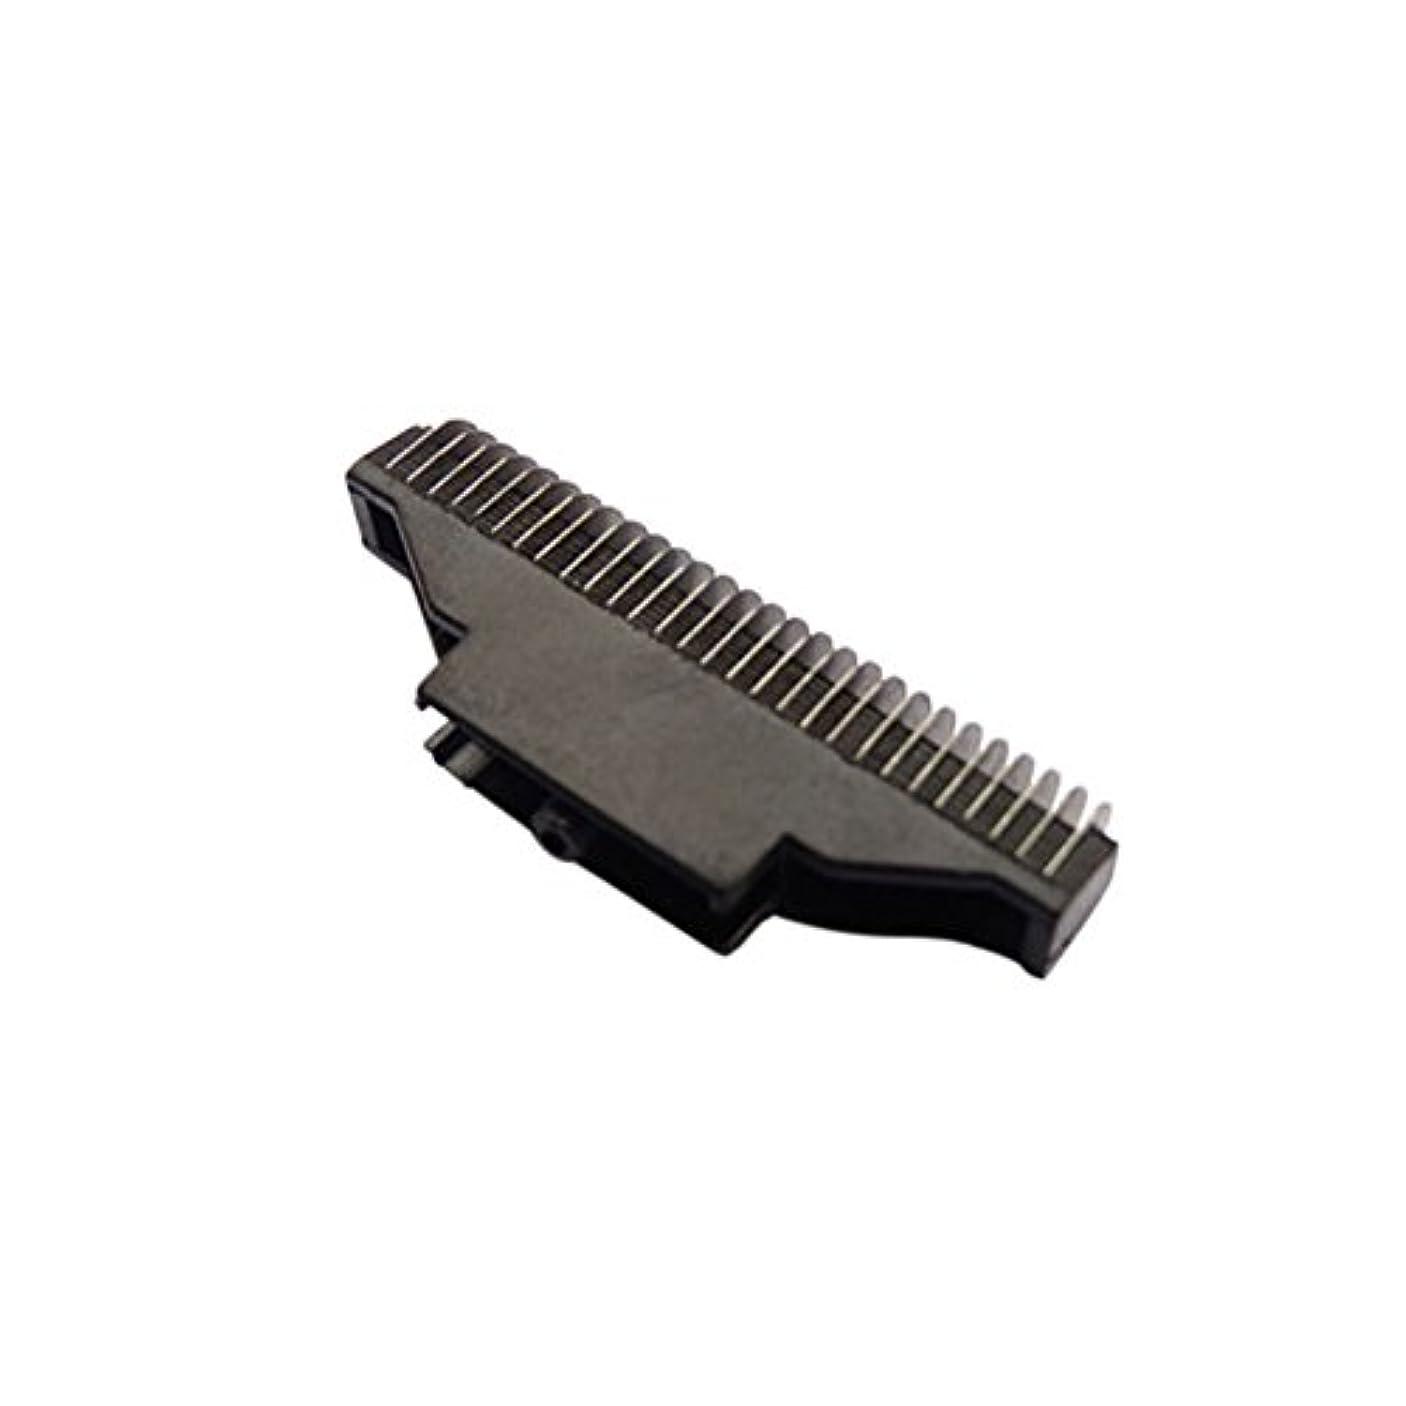 概して送料シーンHZjundasi Replacement Inner ブレード コンボ for Panasonic ES4026/25/27 ES4853 ES9852